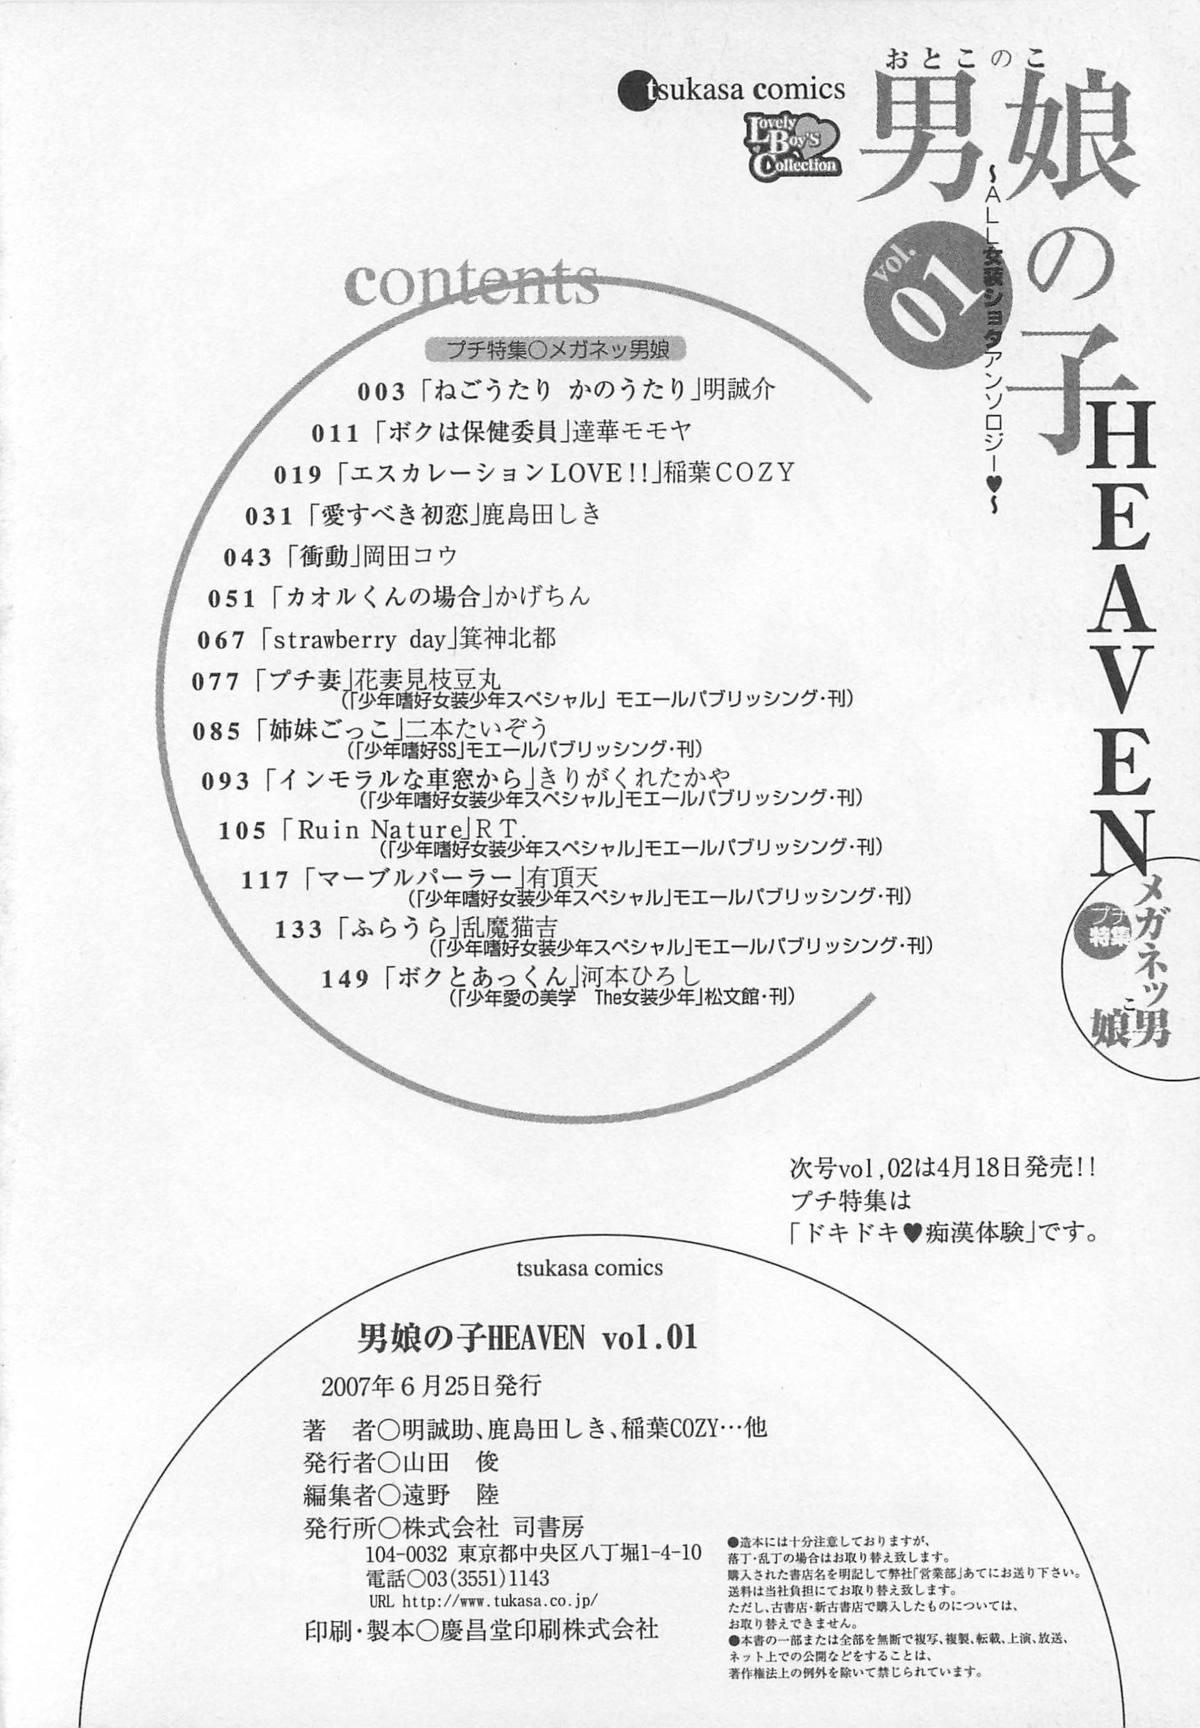 Otokonoko HEAVEN Vol. 01 Meganekko 166